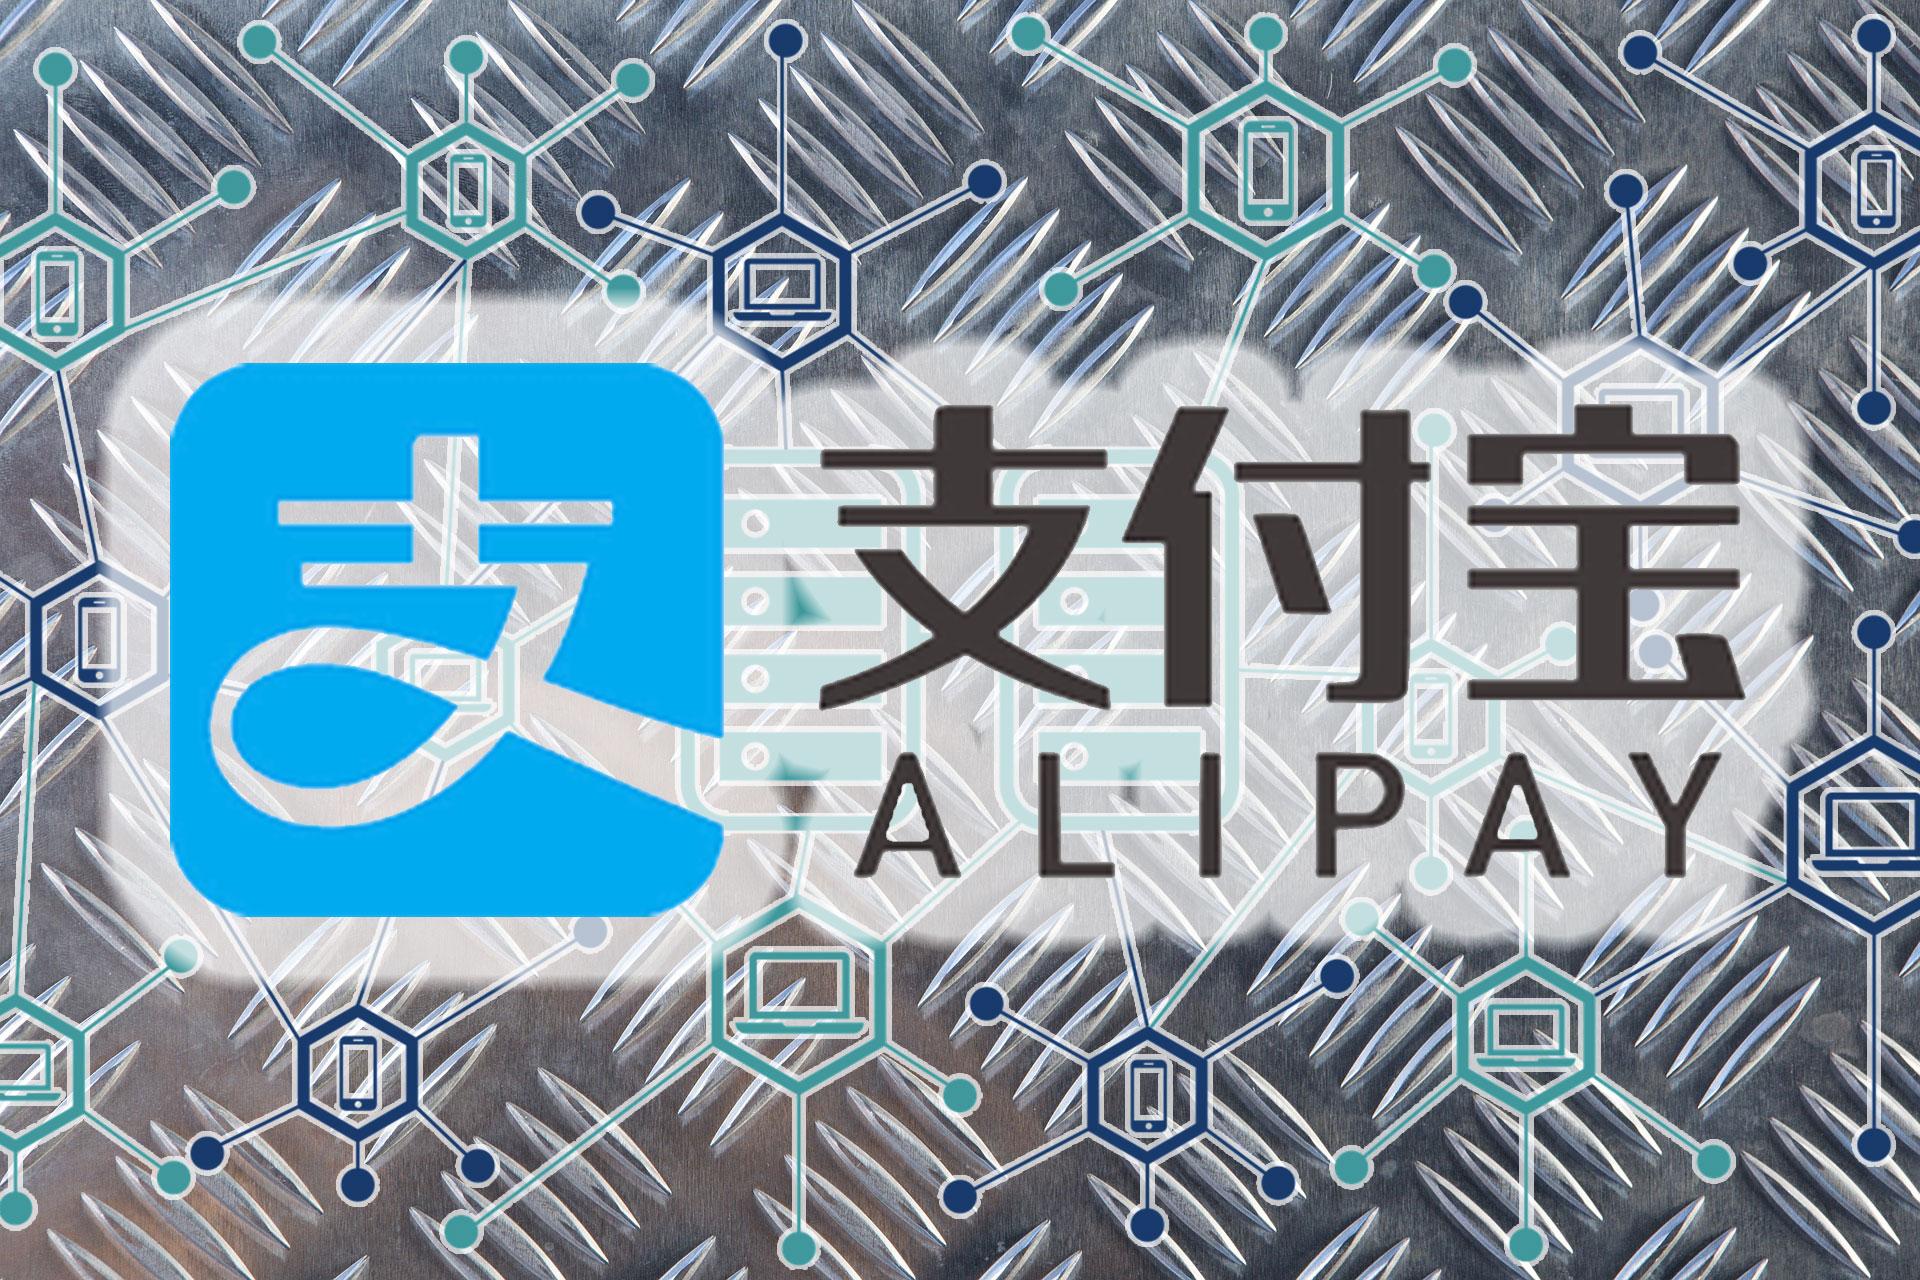 アリペイ、コロナウィルスの物資追跡にブロックチェーンプラットフォームを発表!